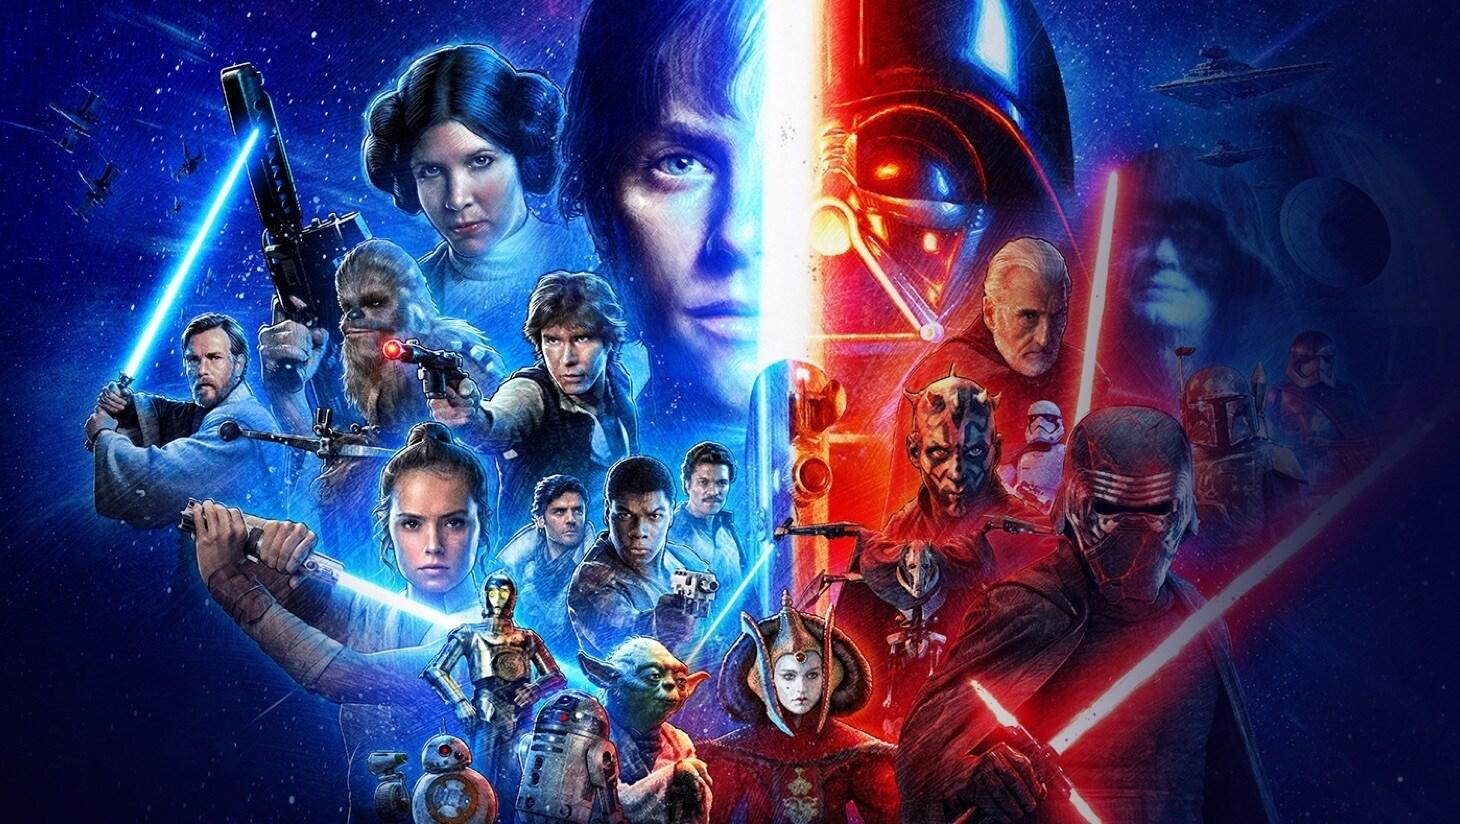 Een afbeelding uit de complete Skywalker Saga op Disney+